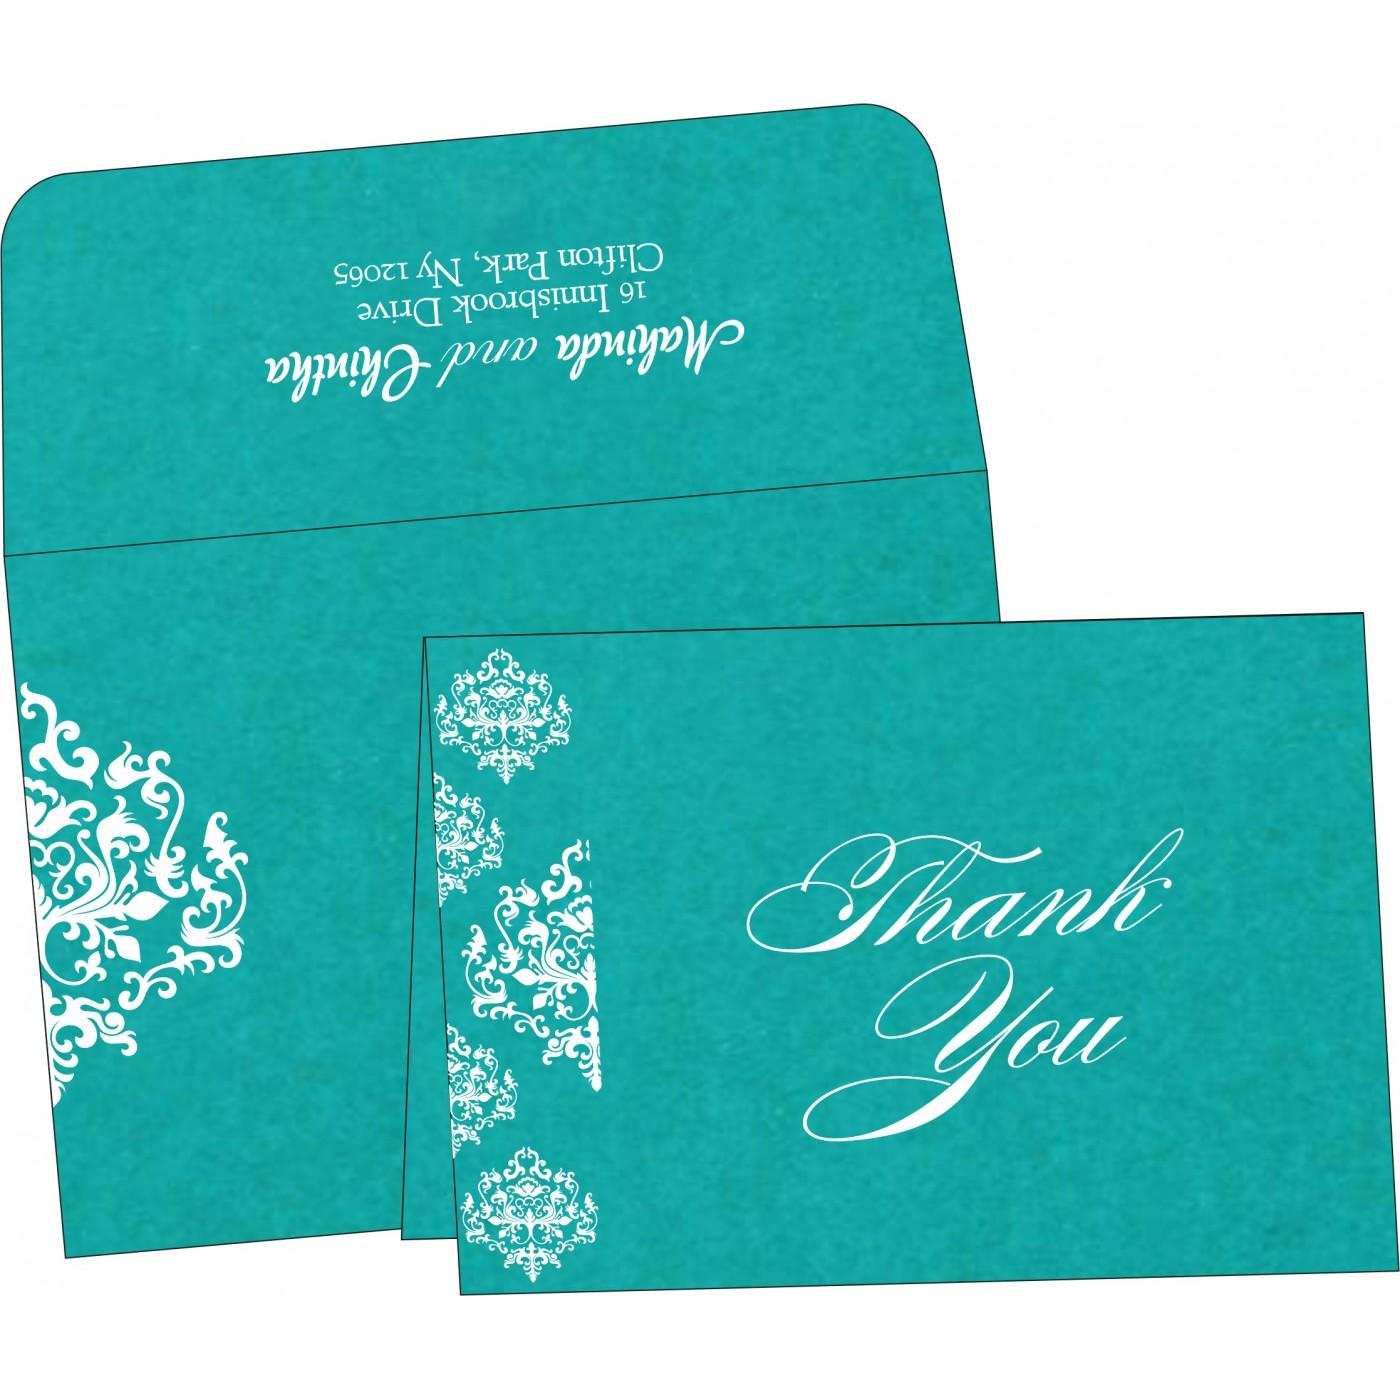 Thank You Cards : TYC-8254E - 123WeddingCards